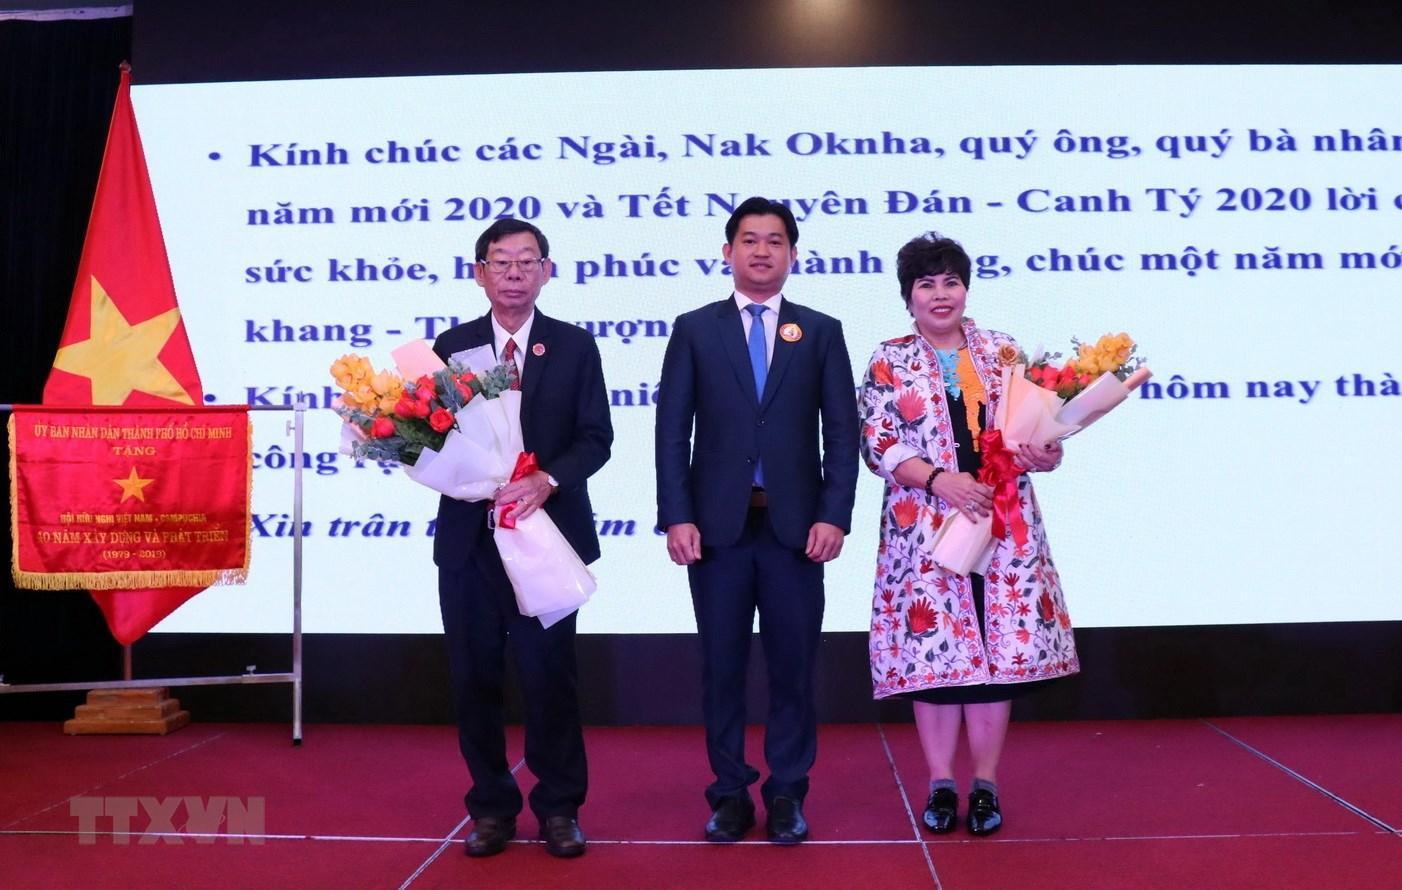 Họp mặt kỷ niệm 41 năm Ngày chiến thắng chế độ diệt chủng Pol Pot